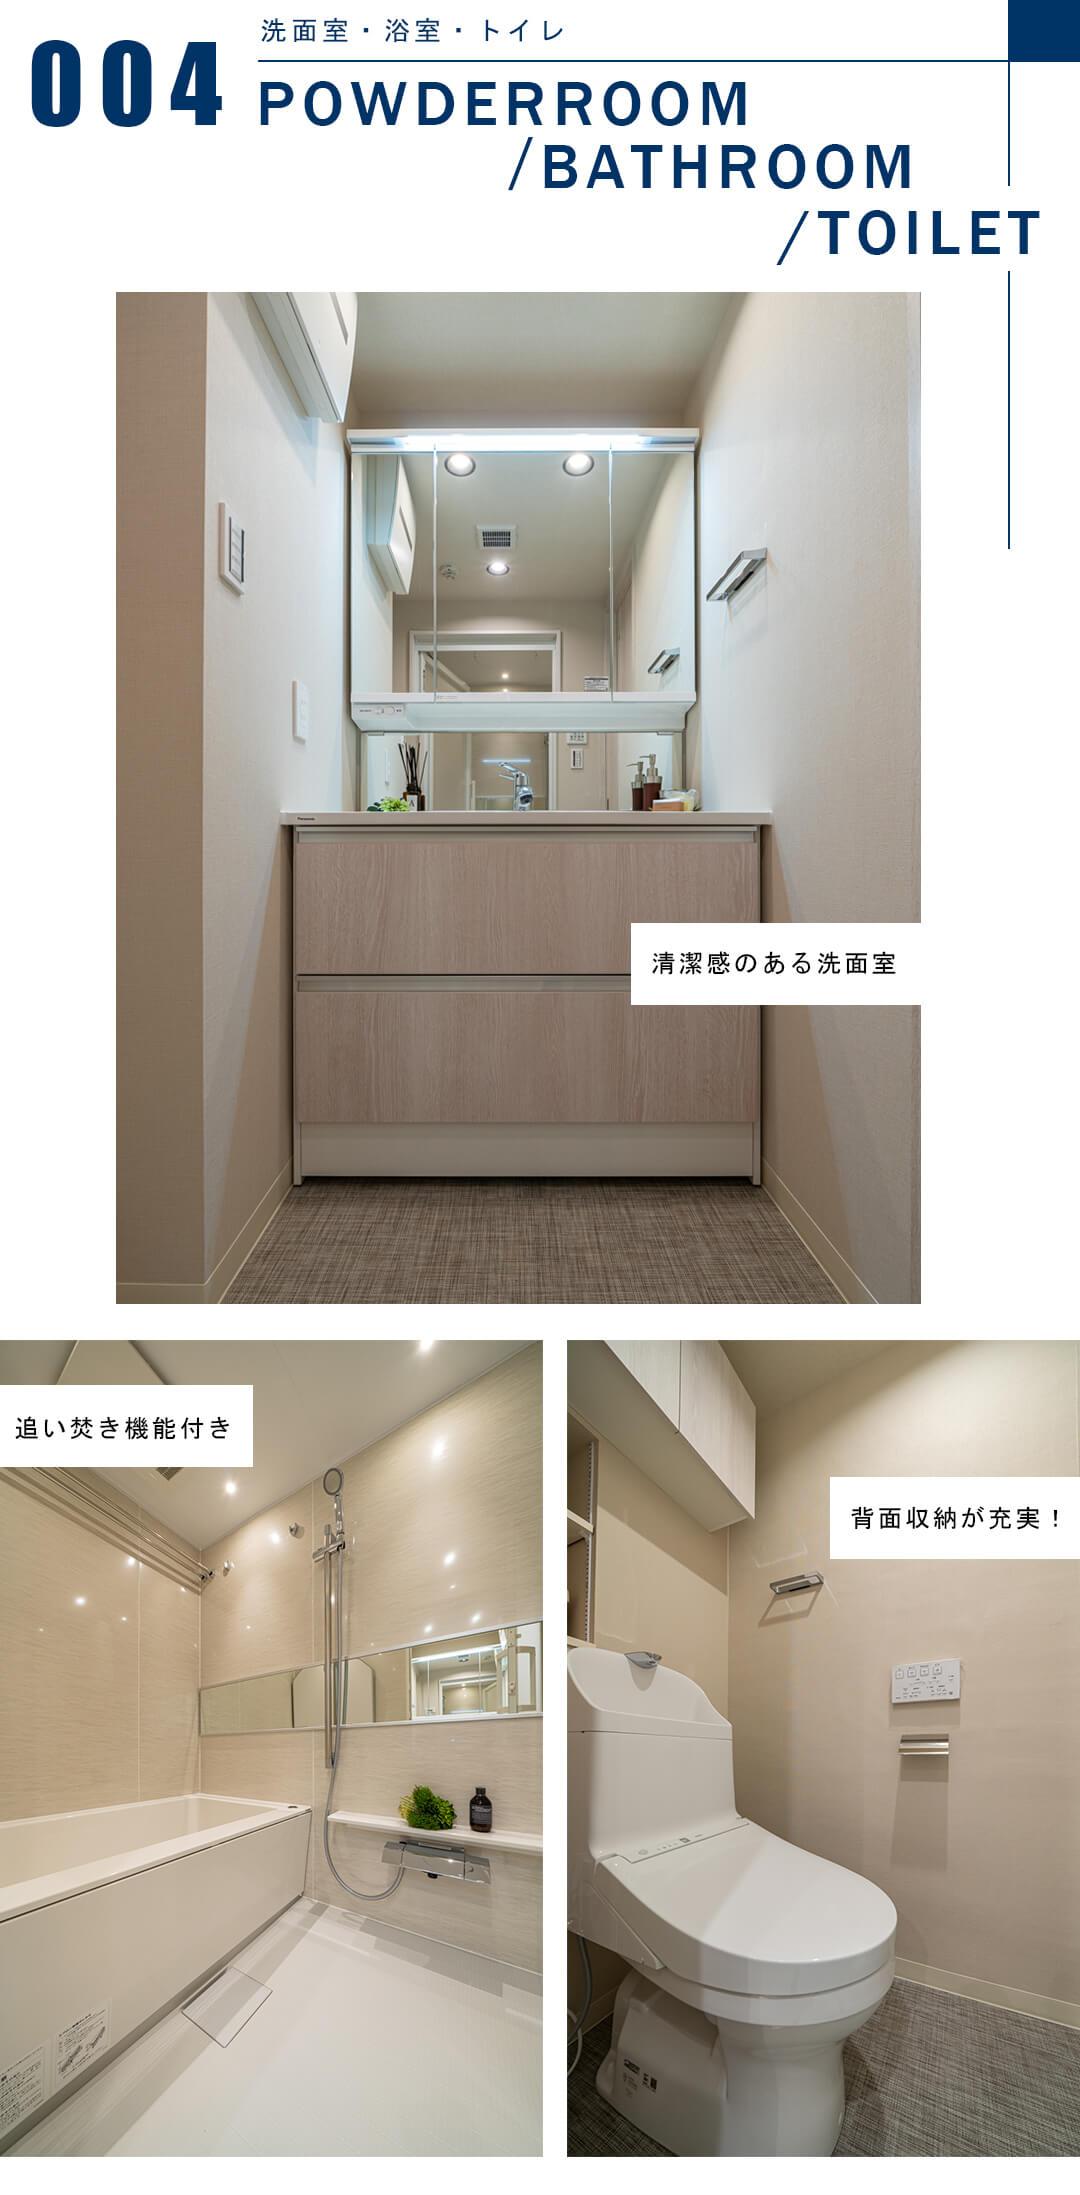 パレ乃木坂の洗面室と浴室とトイレ